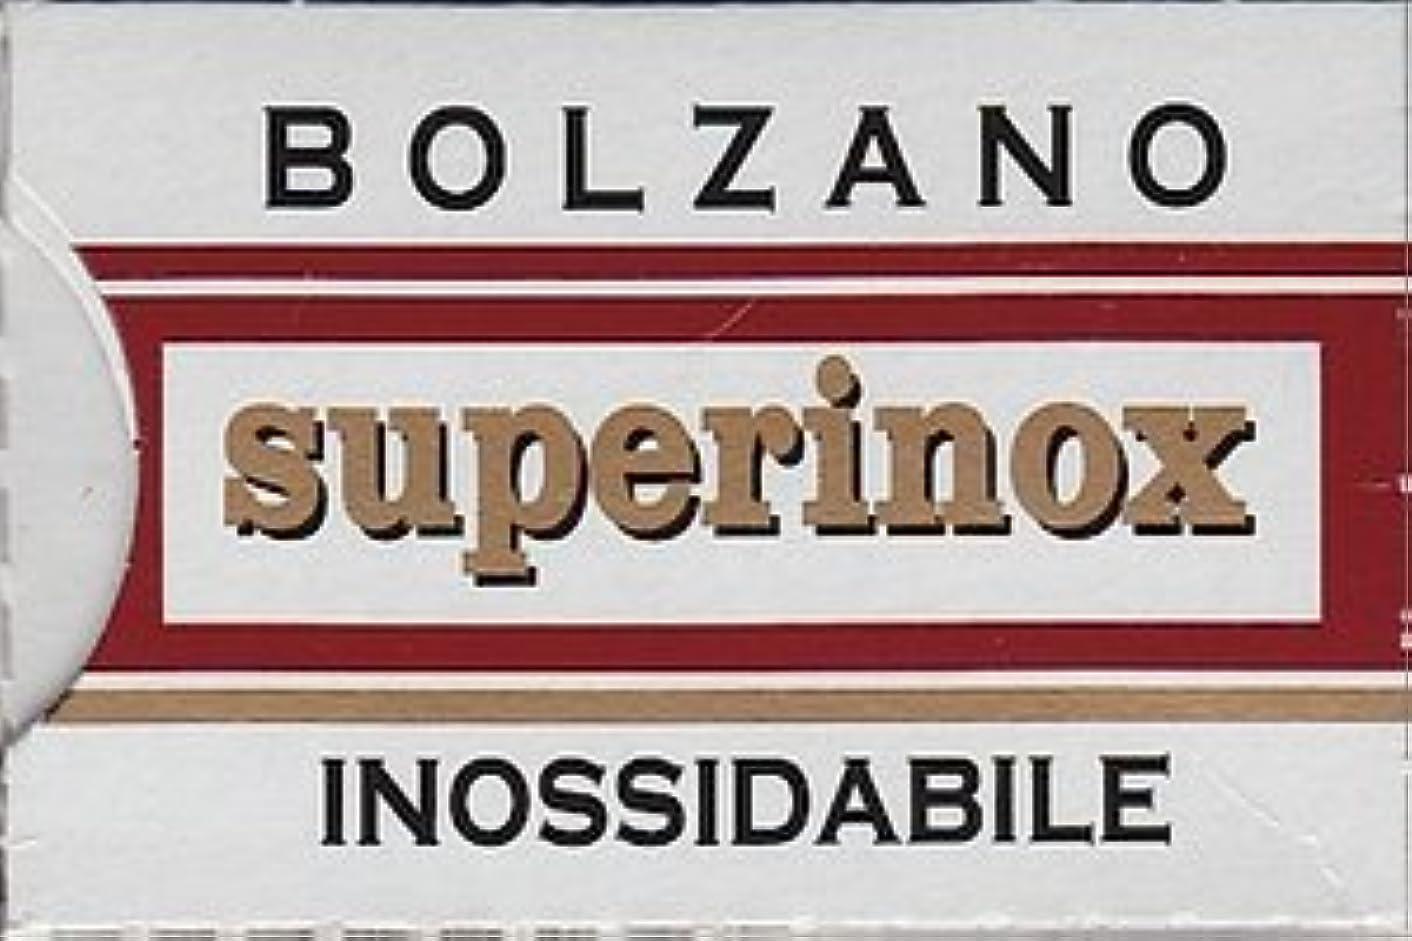 はさみ結果悪のBolzano Superinox Inossidabile 両刃替刃 5枚入り(5枚入り1 個セット)【並行輸入品】